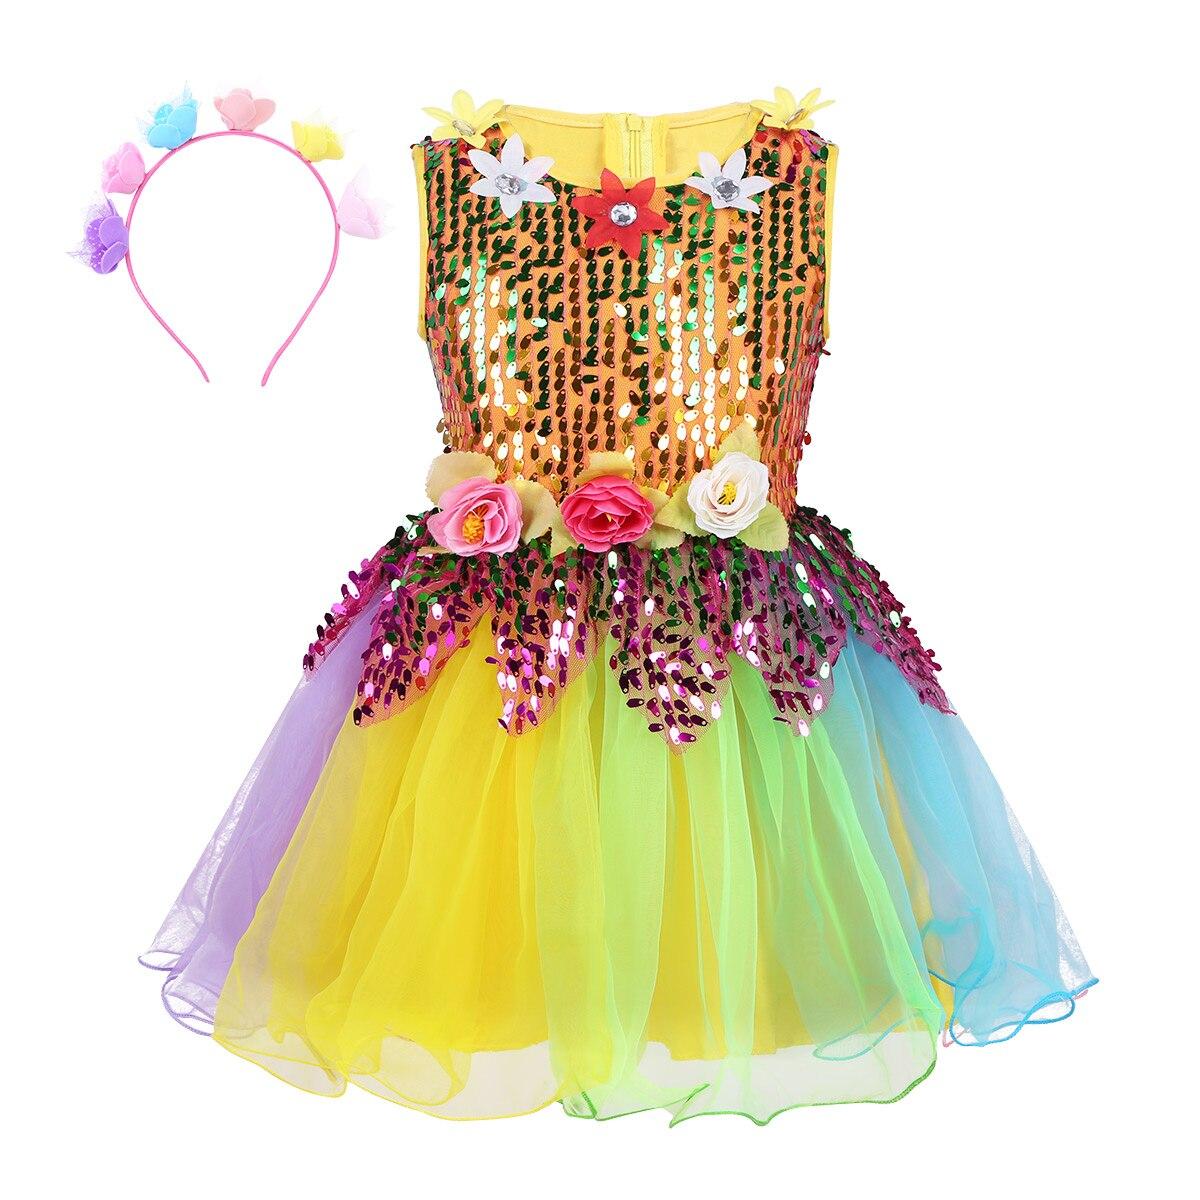 Детское фатиновое балетное платье без рукавов с блестками для девочек платье для латинских танцев с цветами и радугой Одежда для девочек сценическое платье - Цвет: Colorful